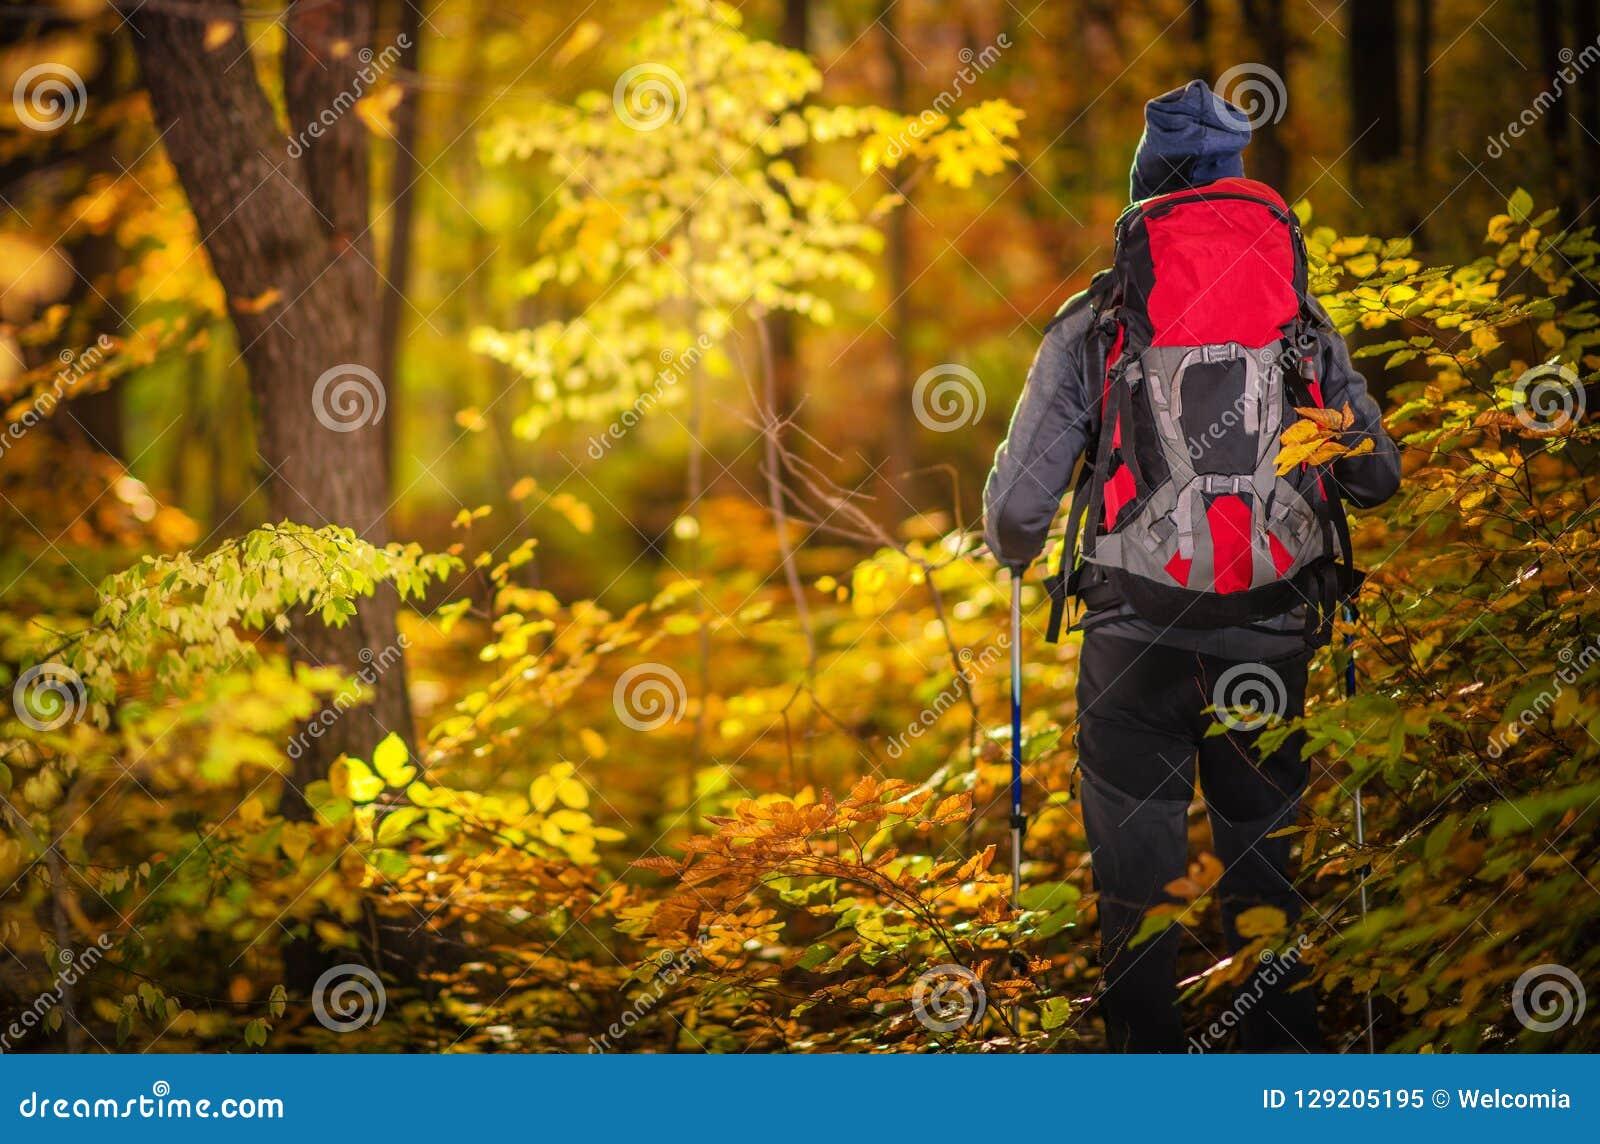 Autumn Foliage Exploring